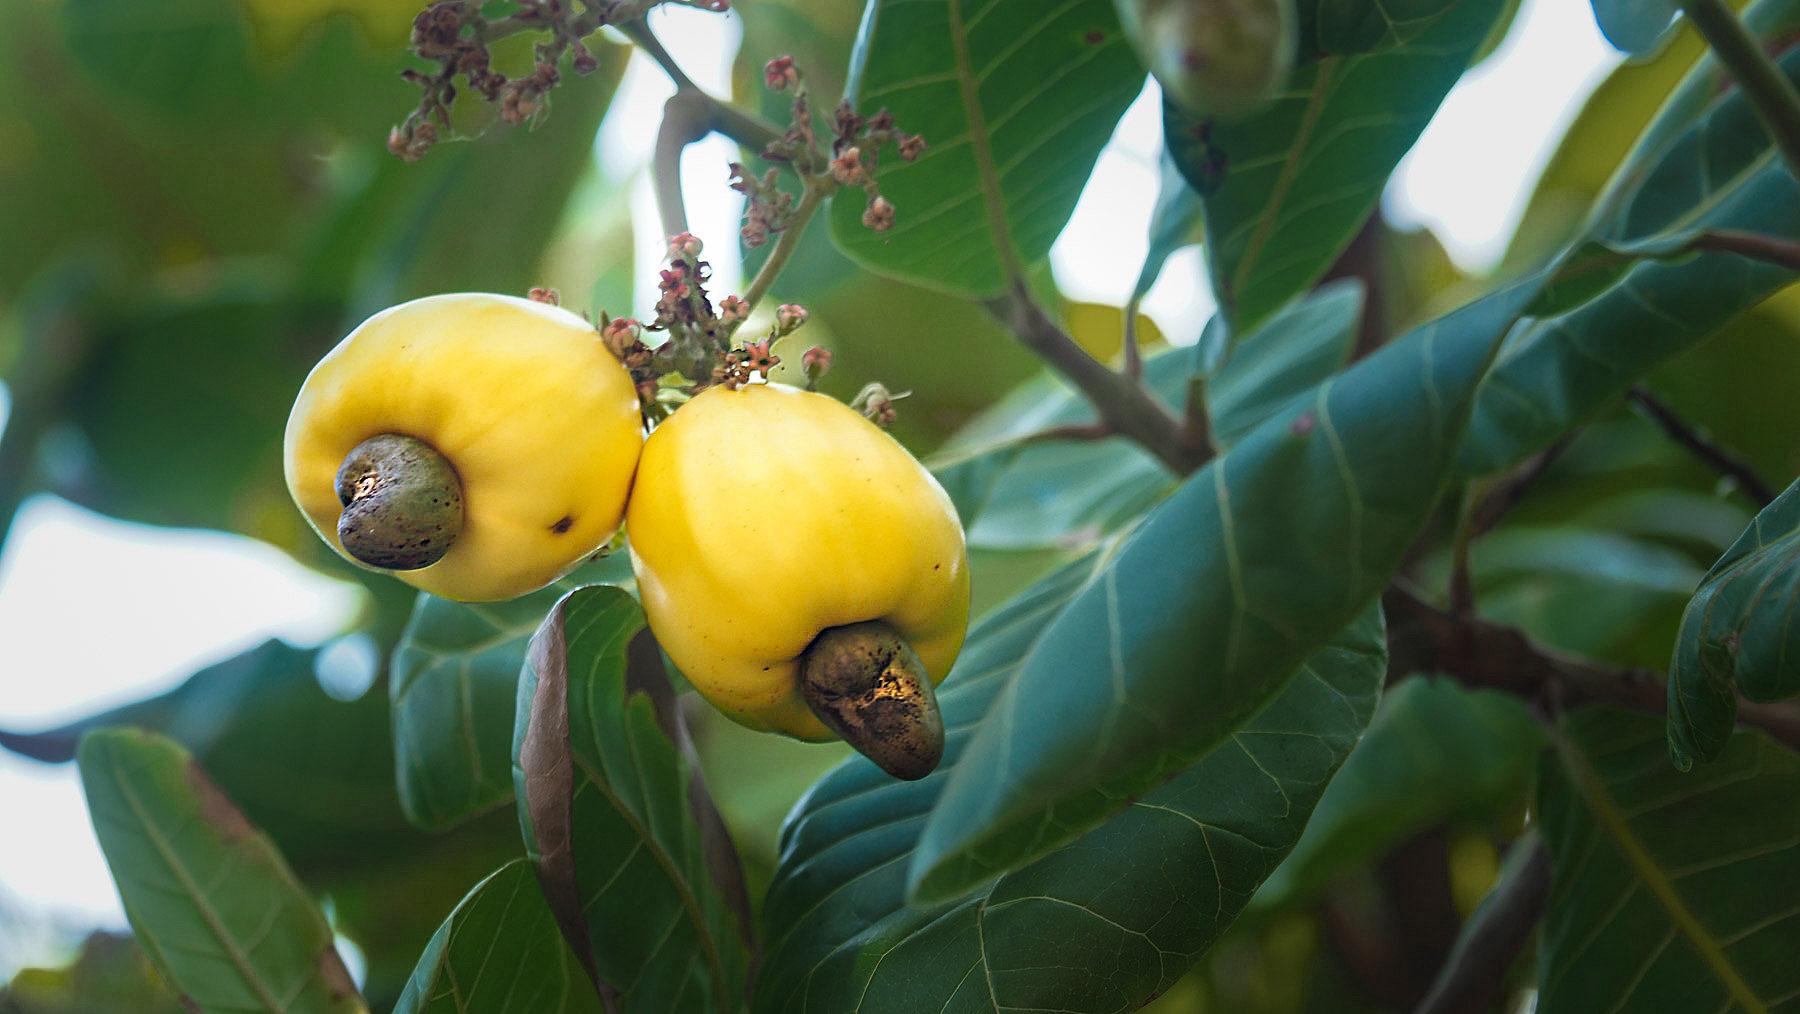 Cashew Nüsse am Baum, die Nuss hängt außen an der Frucht!